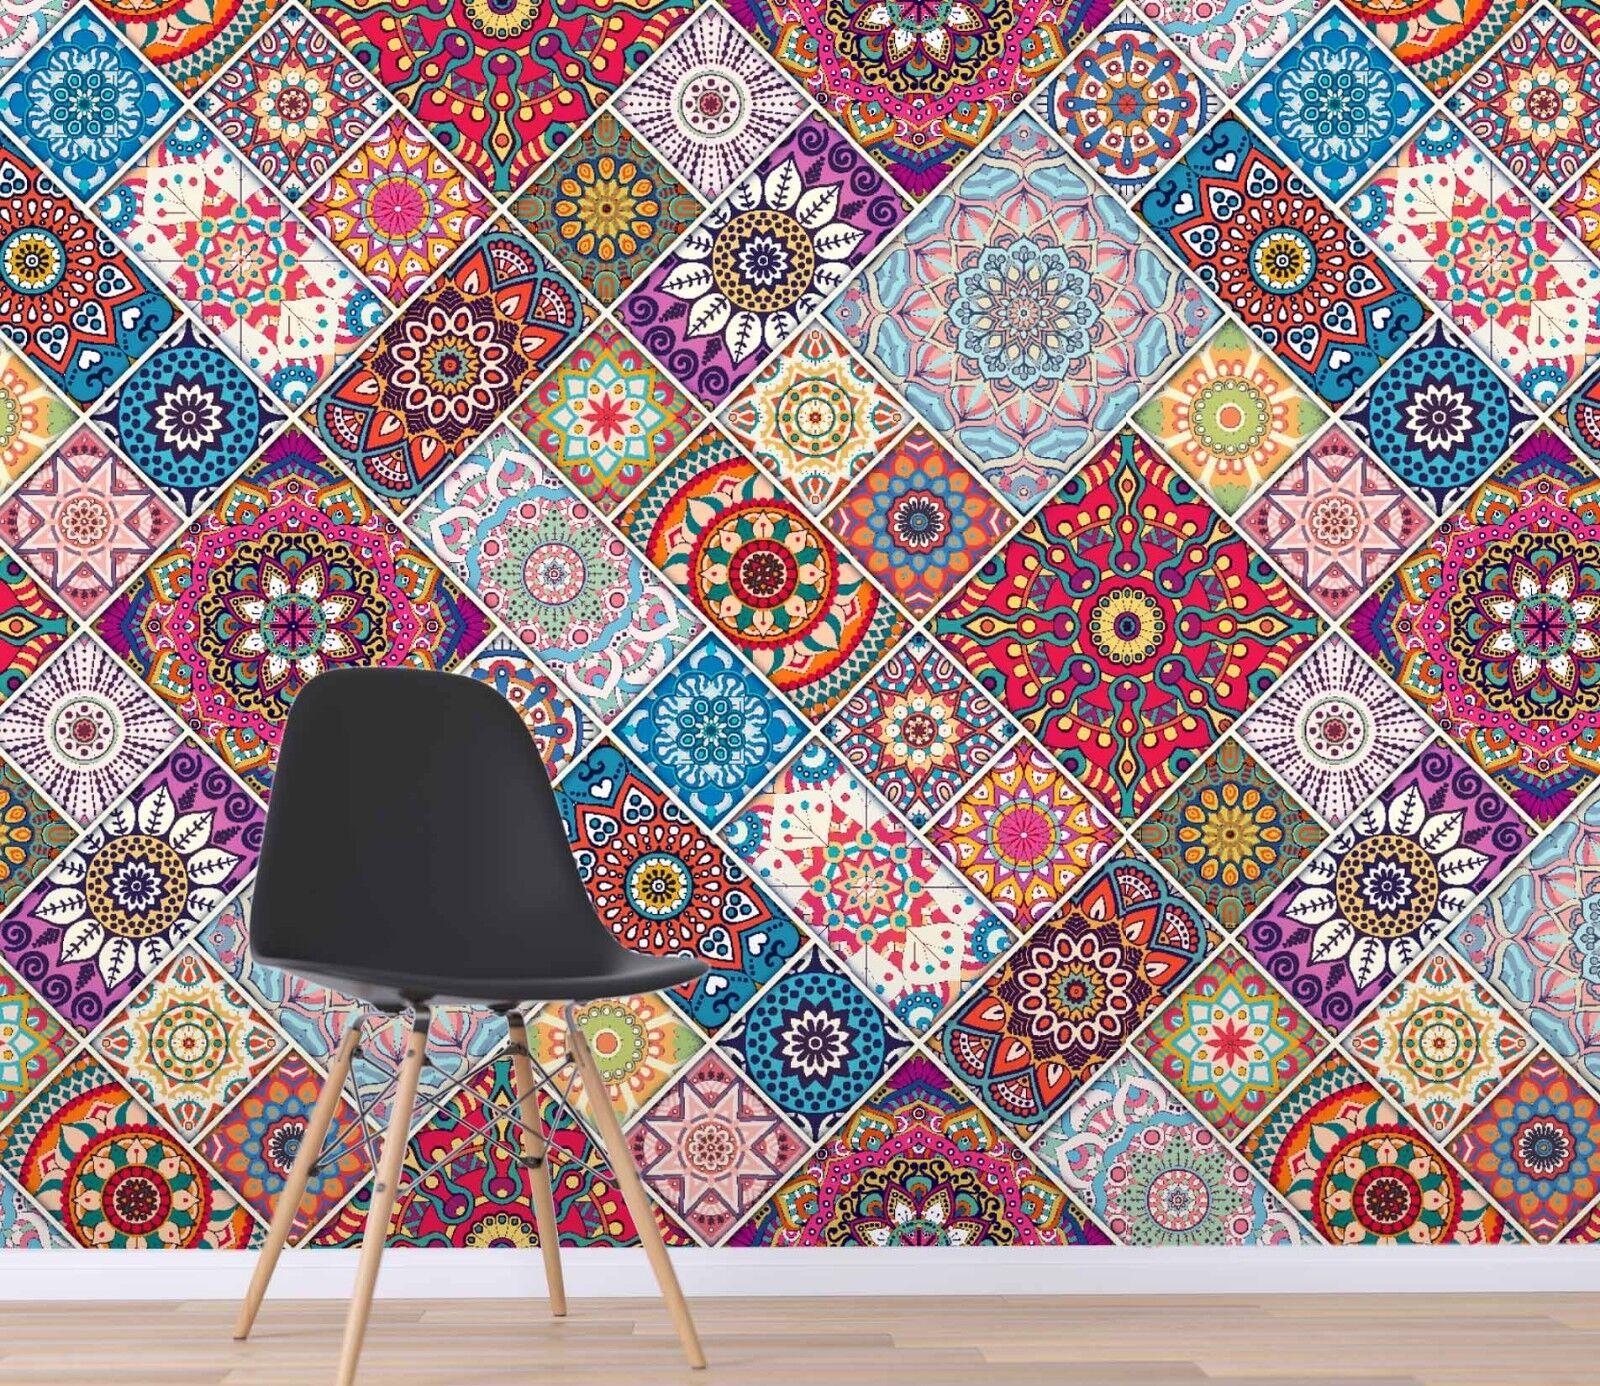 3D Farbe Kunst Floral 31 WandPapier Mural Wand Drucken Decal Innen Murals AU Lemon